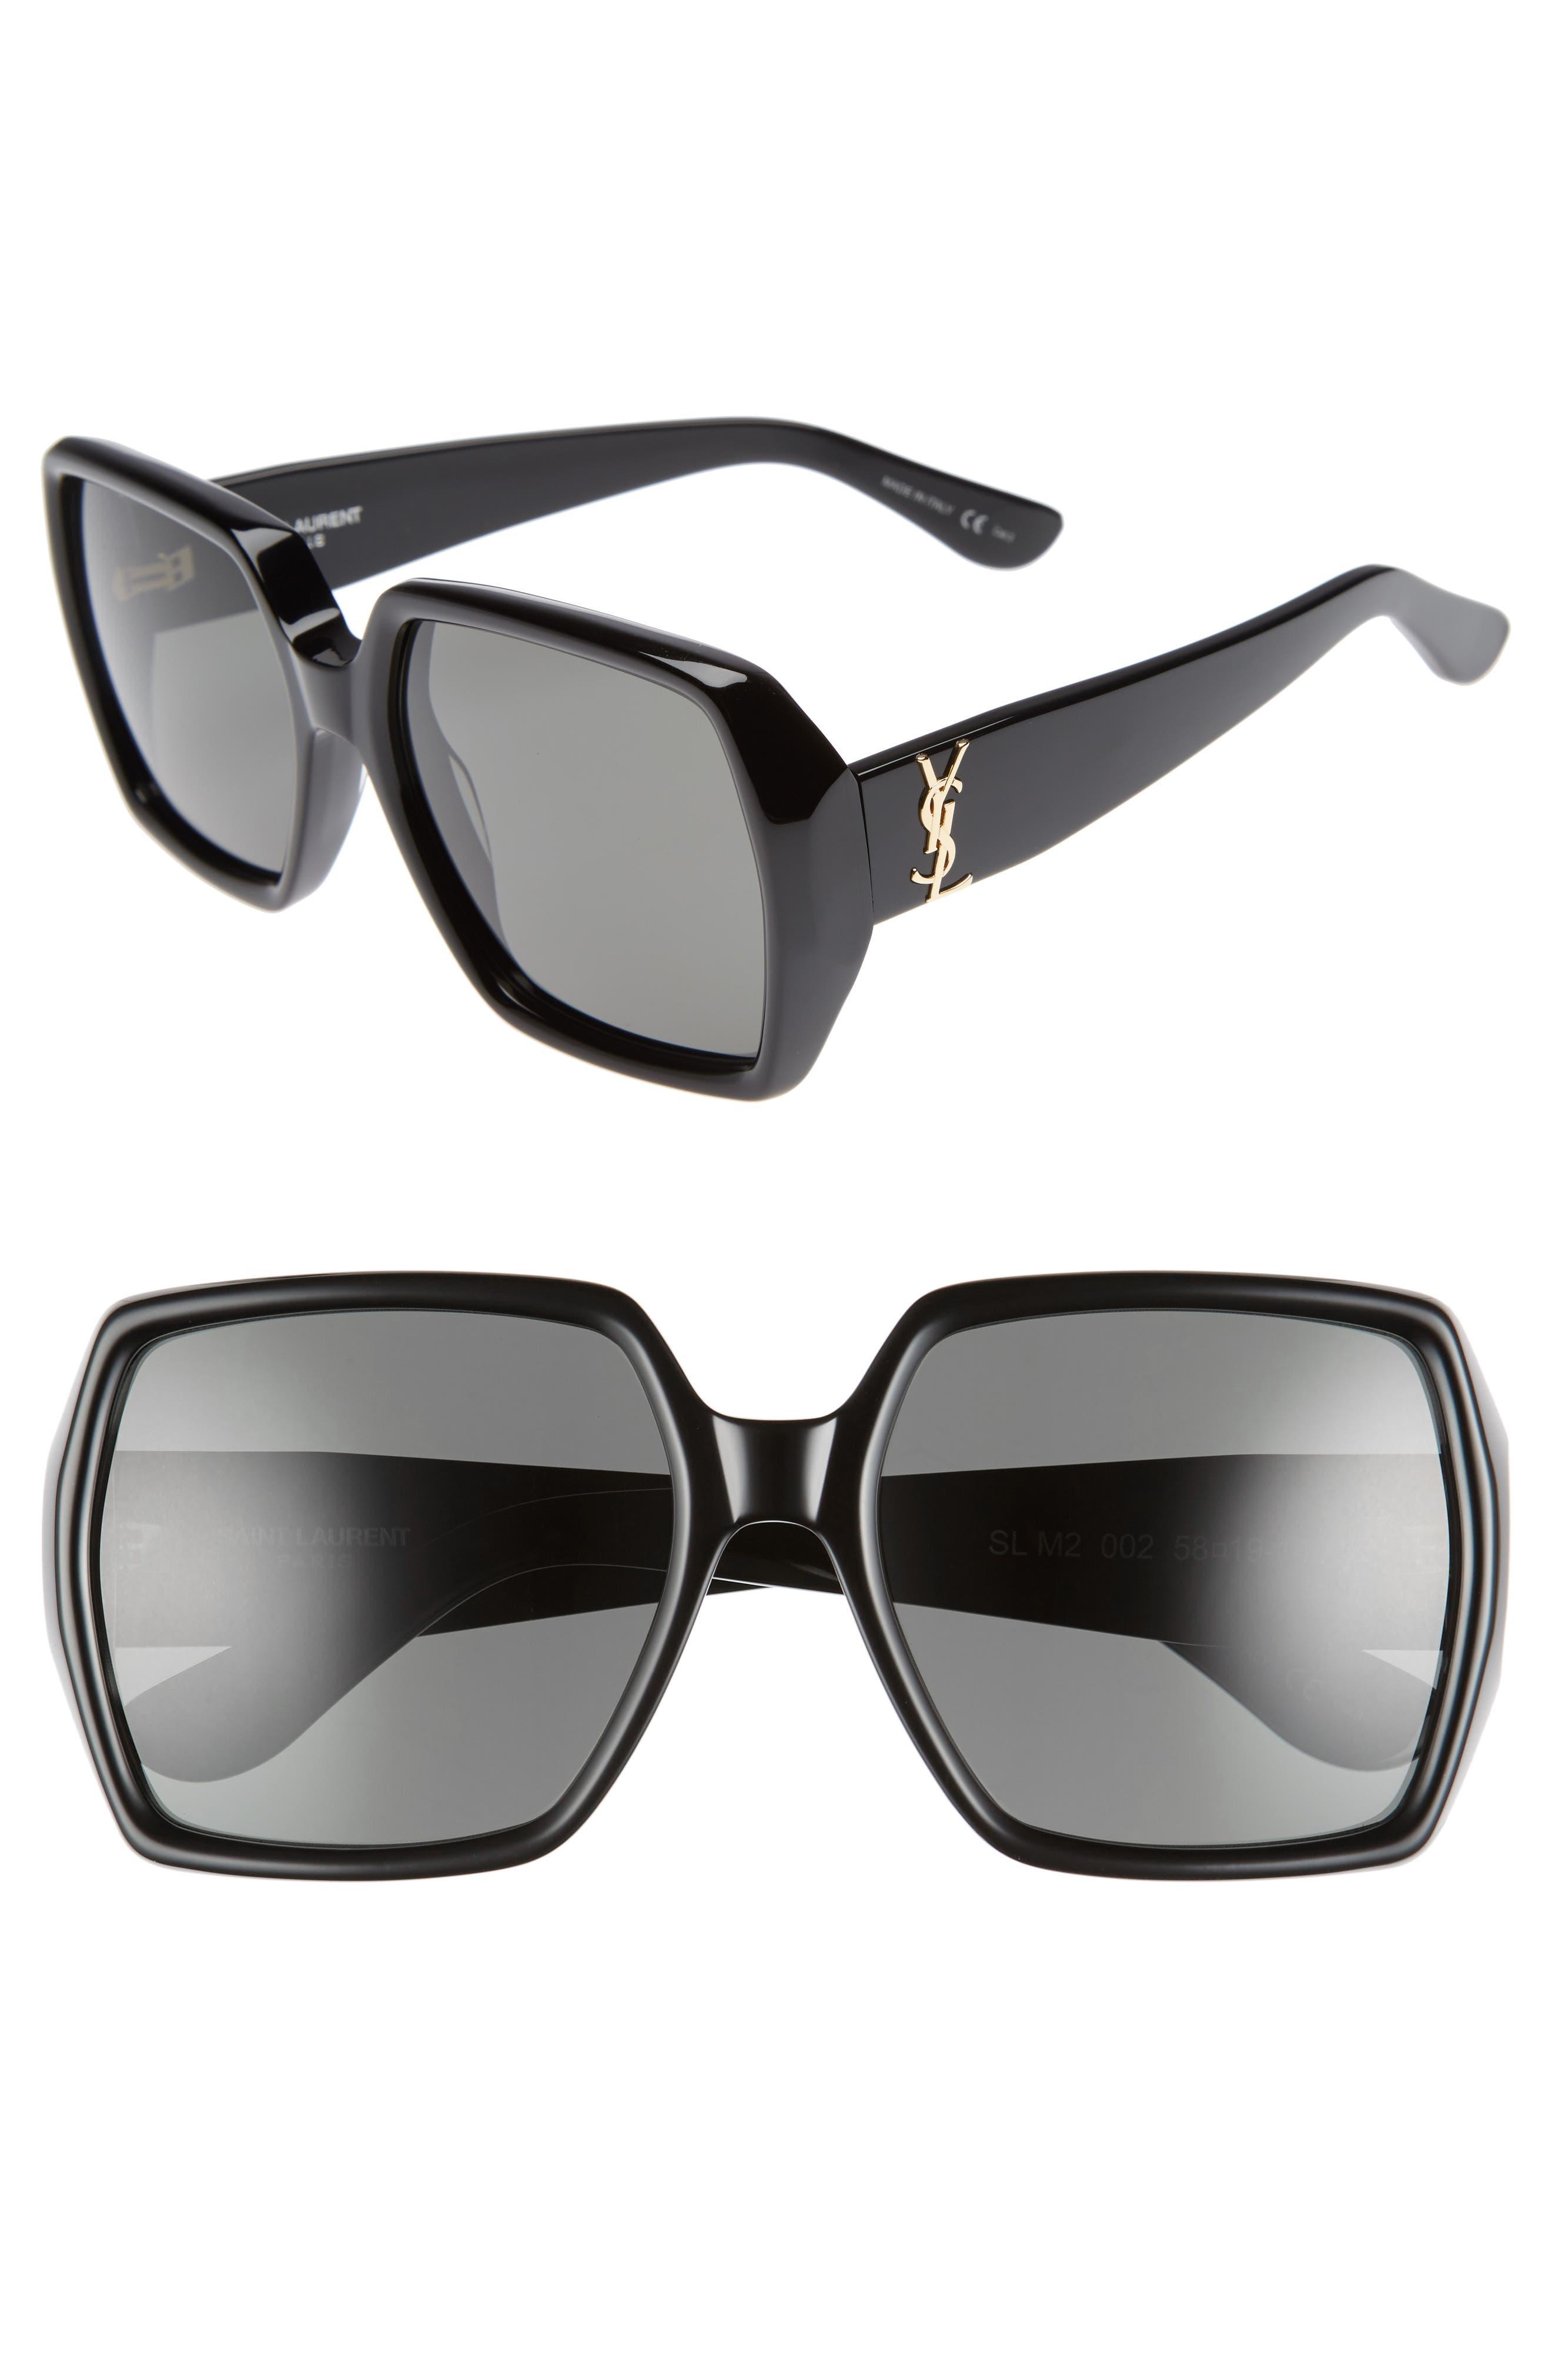 SAINT LAURENT,                             58mm Square Sunglasses,                             Main thumbnail 1, color,                             001